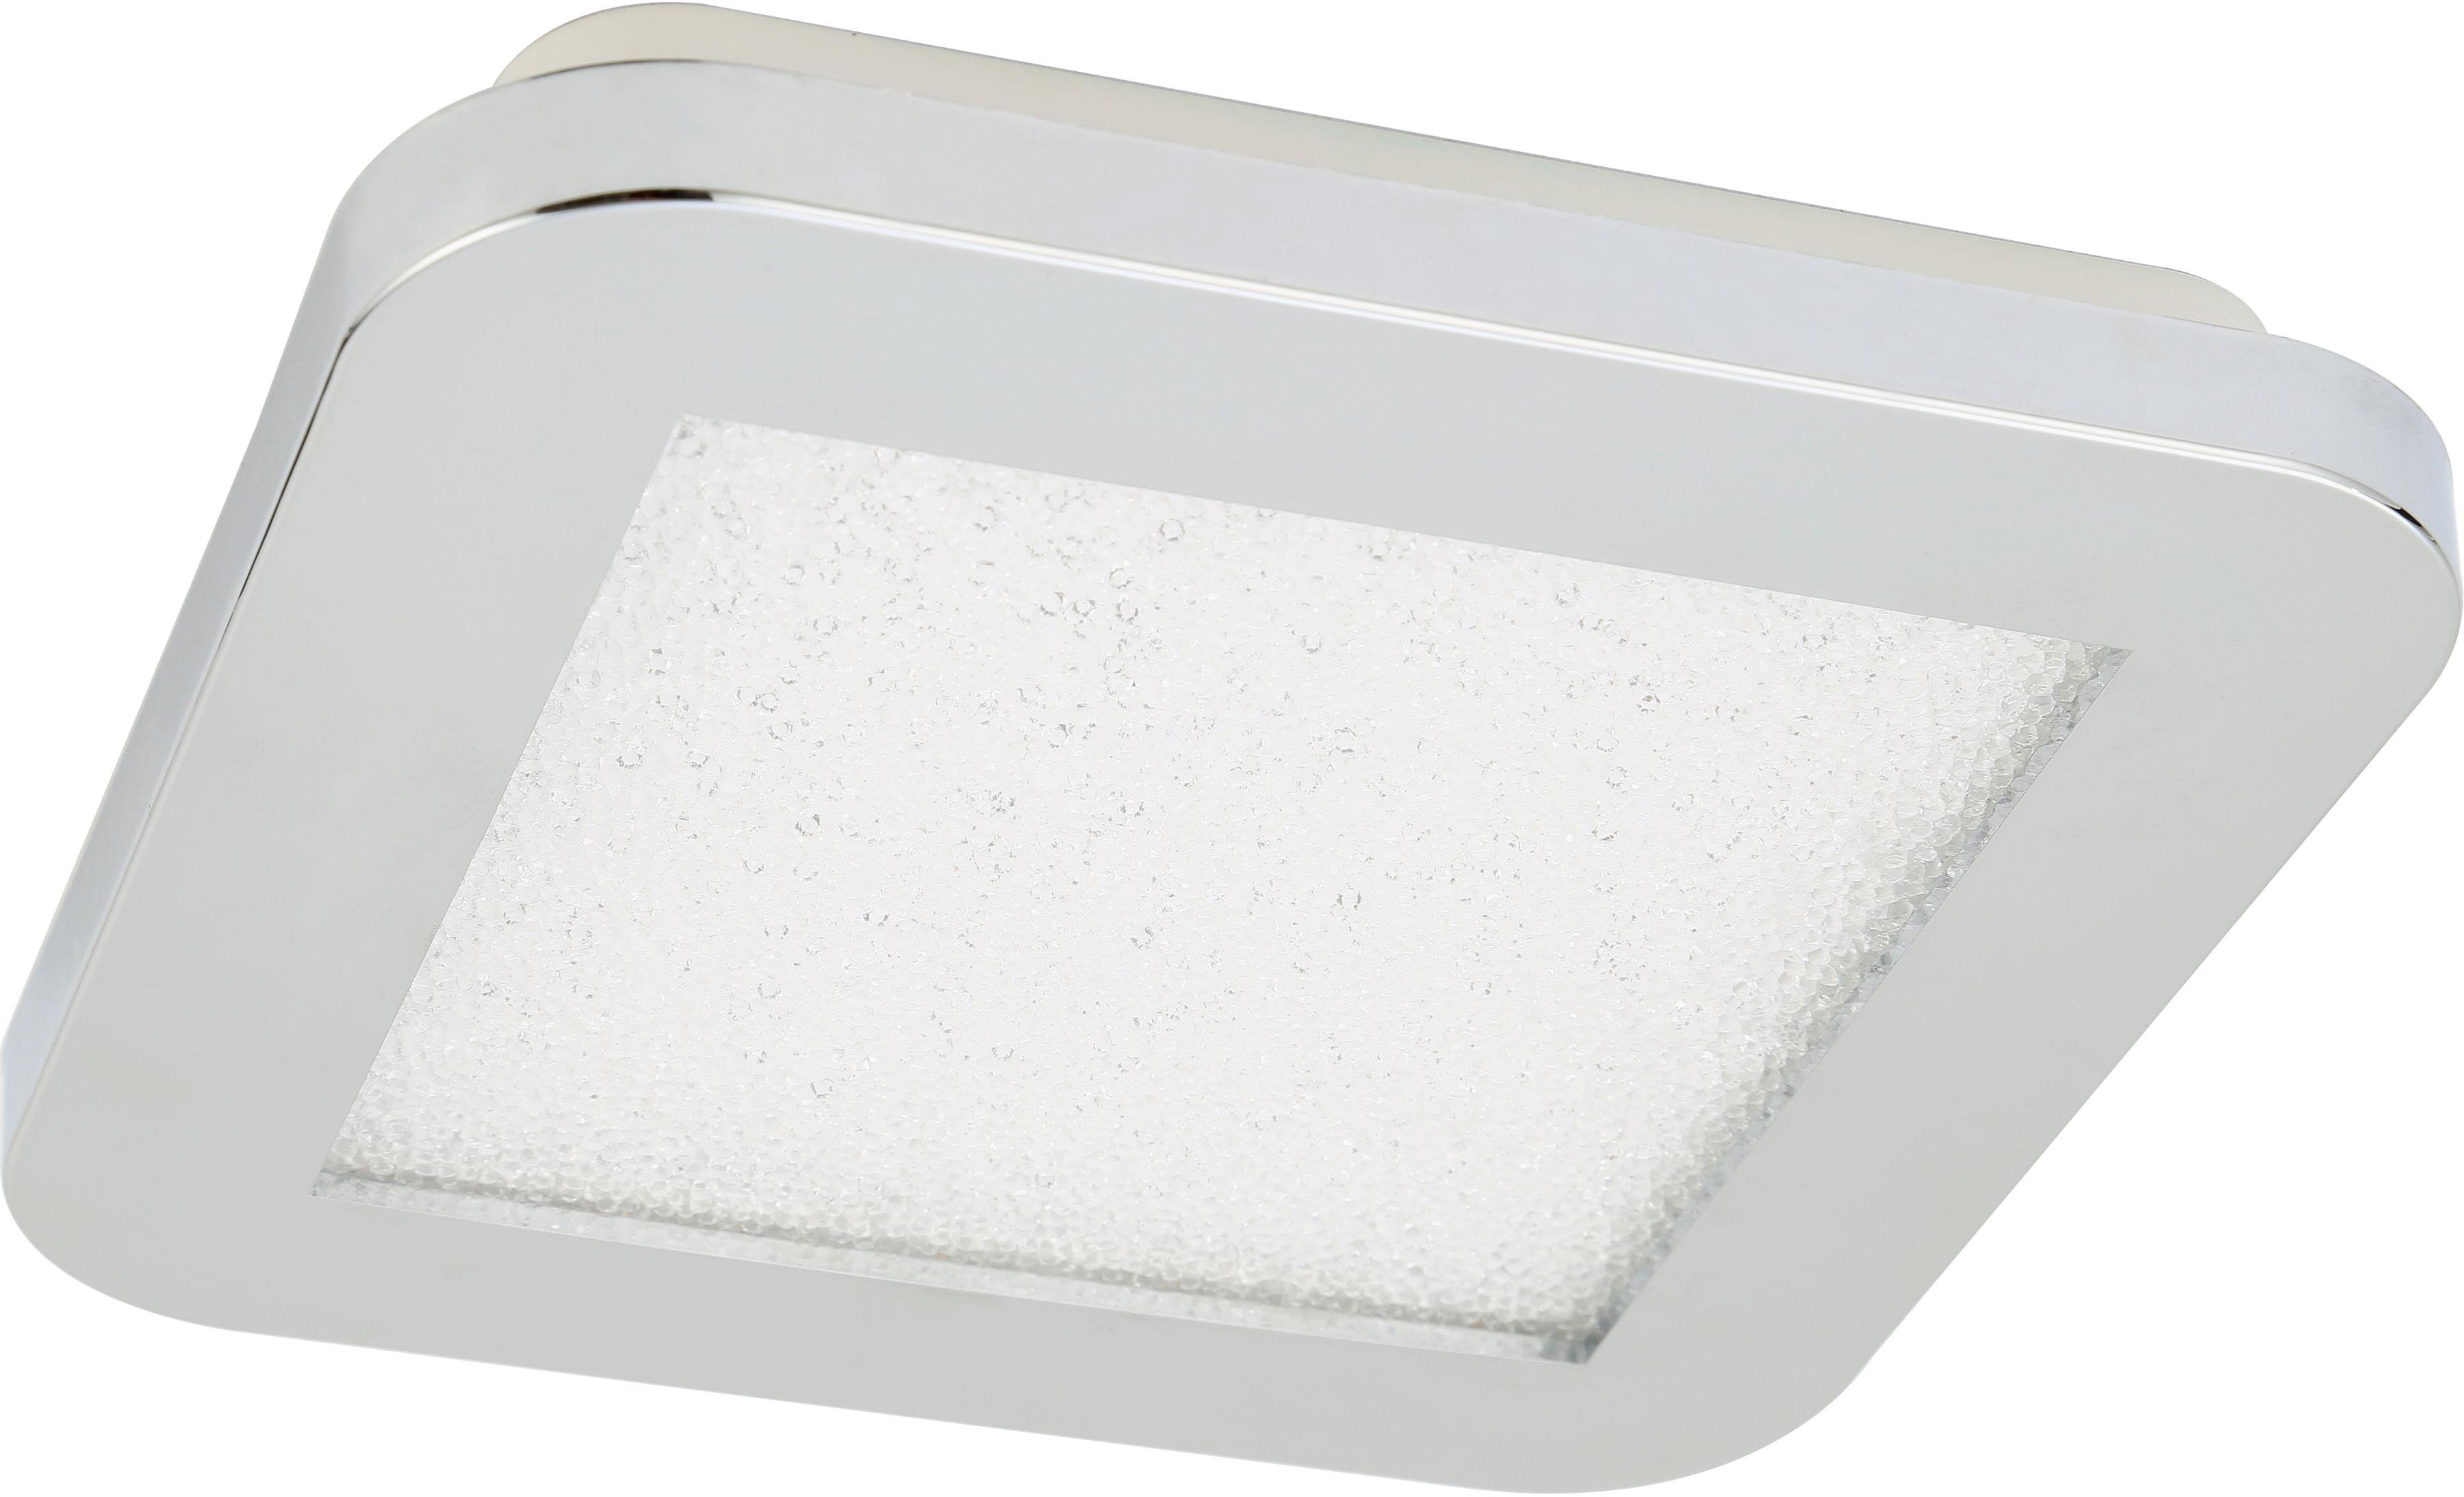 Candellux NEXIT 10-66770 plafon lampa sufitowa chrom+granila regulacja jasności świecenia 10W LED 3000K 17cm IP44